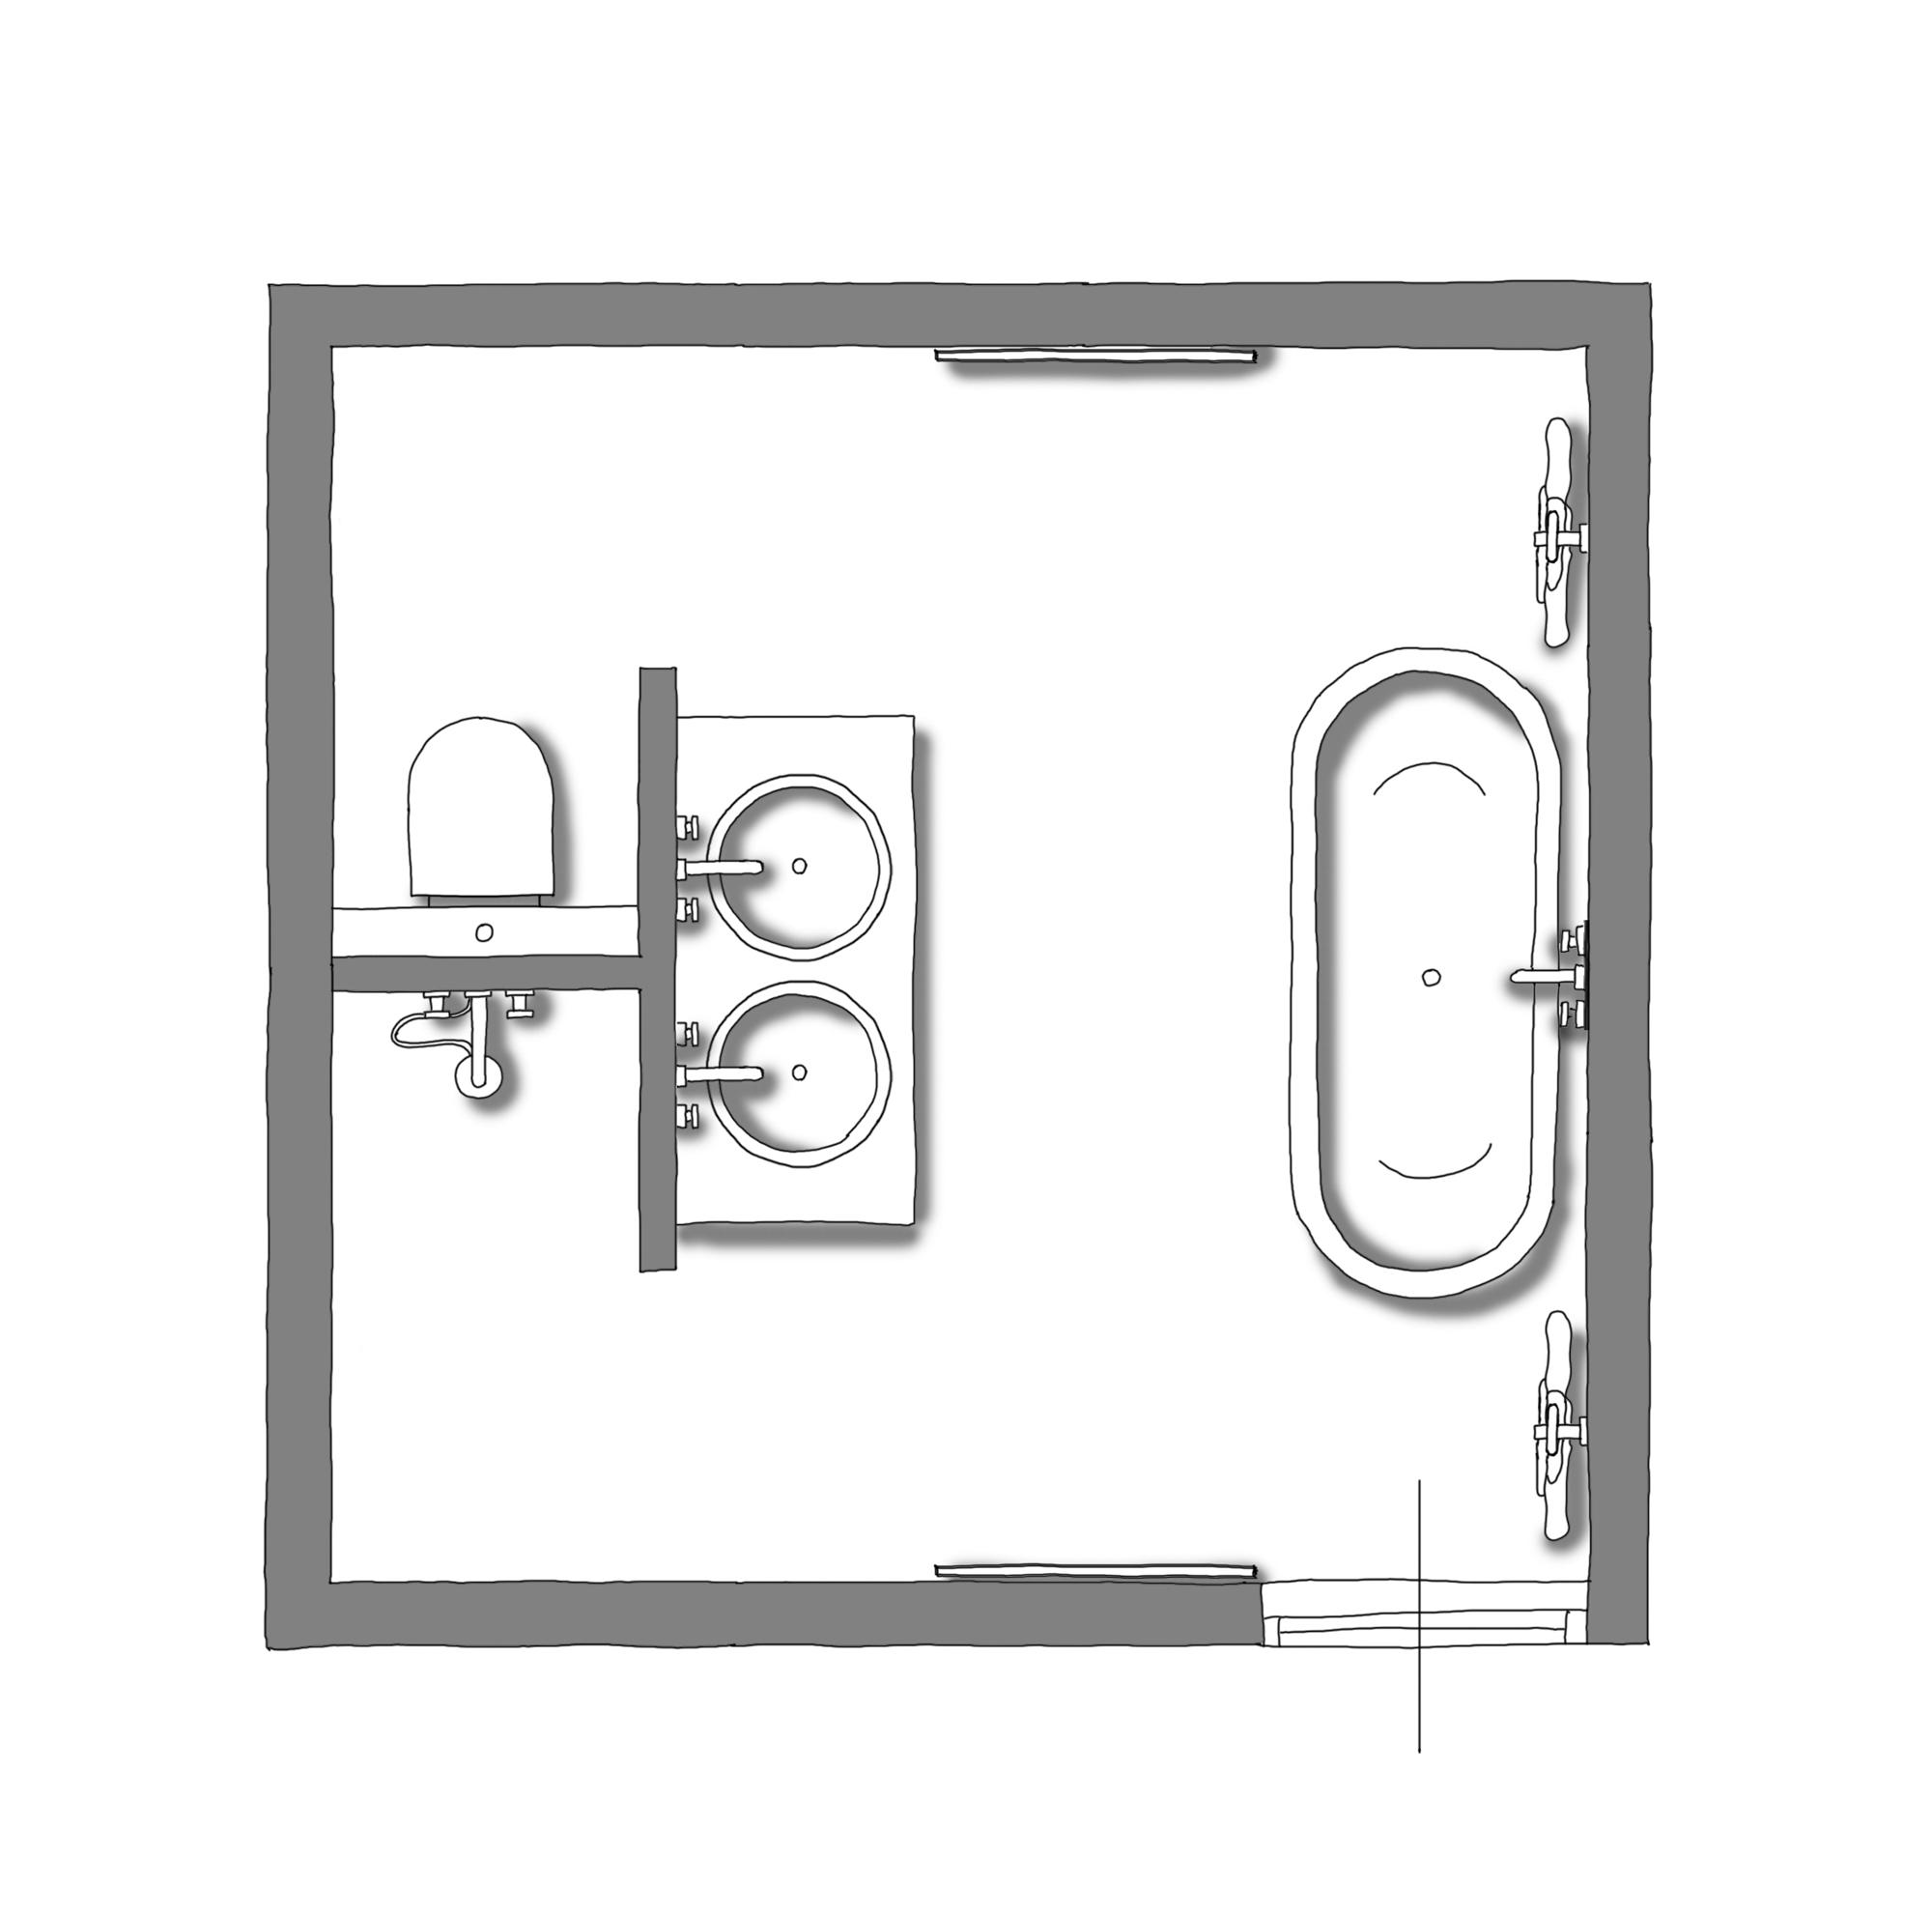 badkamer-idee1